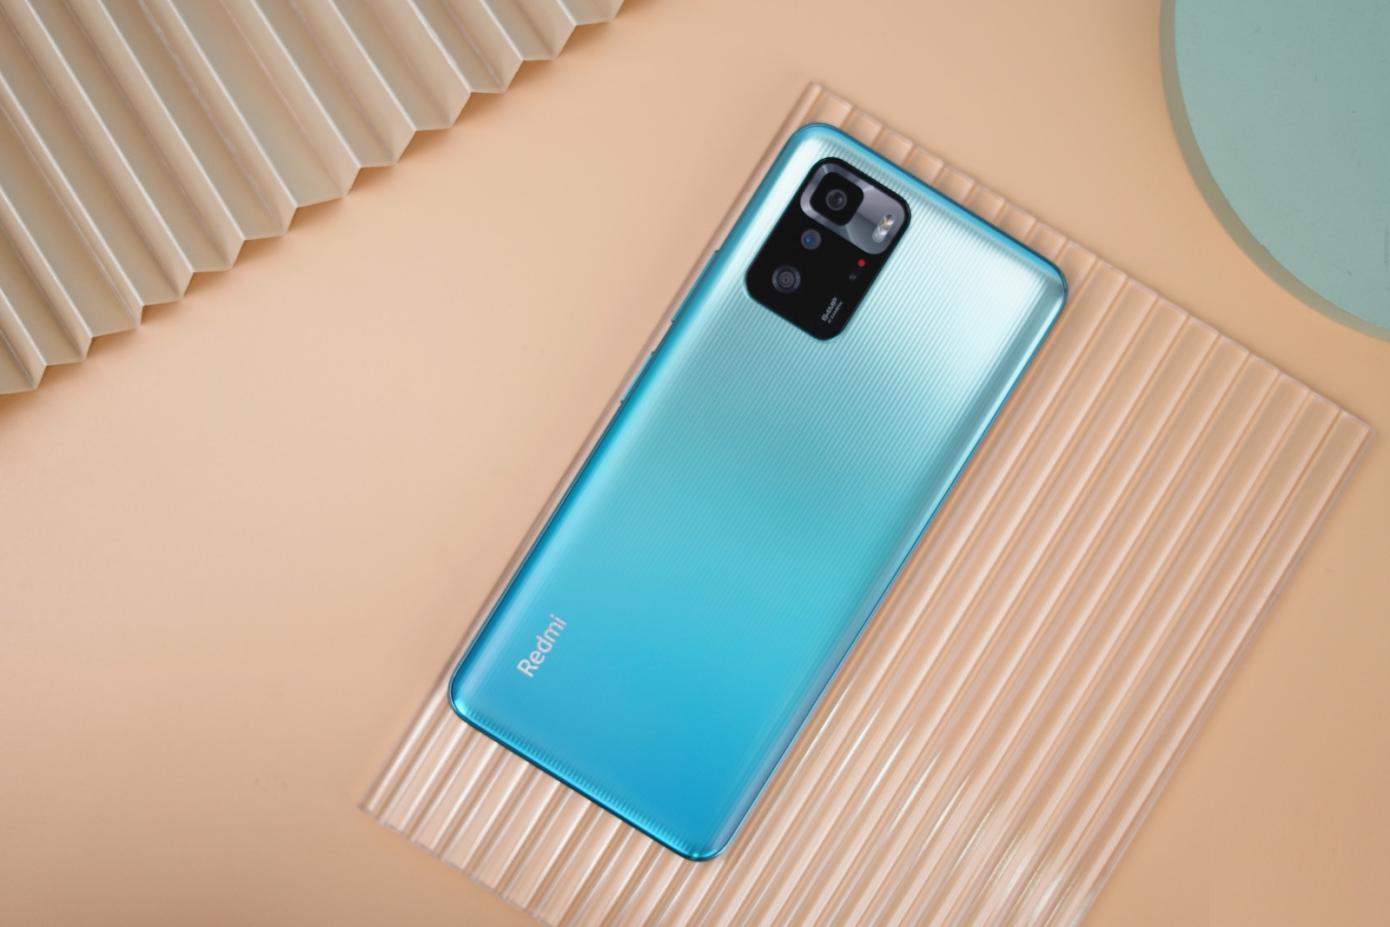 Xiaomi Predstavlyaet Novye Produkty Redmi Vklyuchaya Sovershenno Drugoj Redmi Note 10 Pro 4